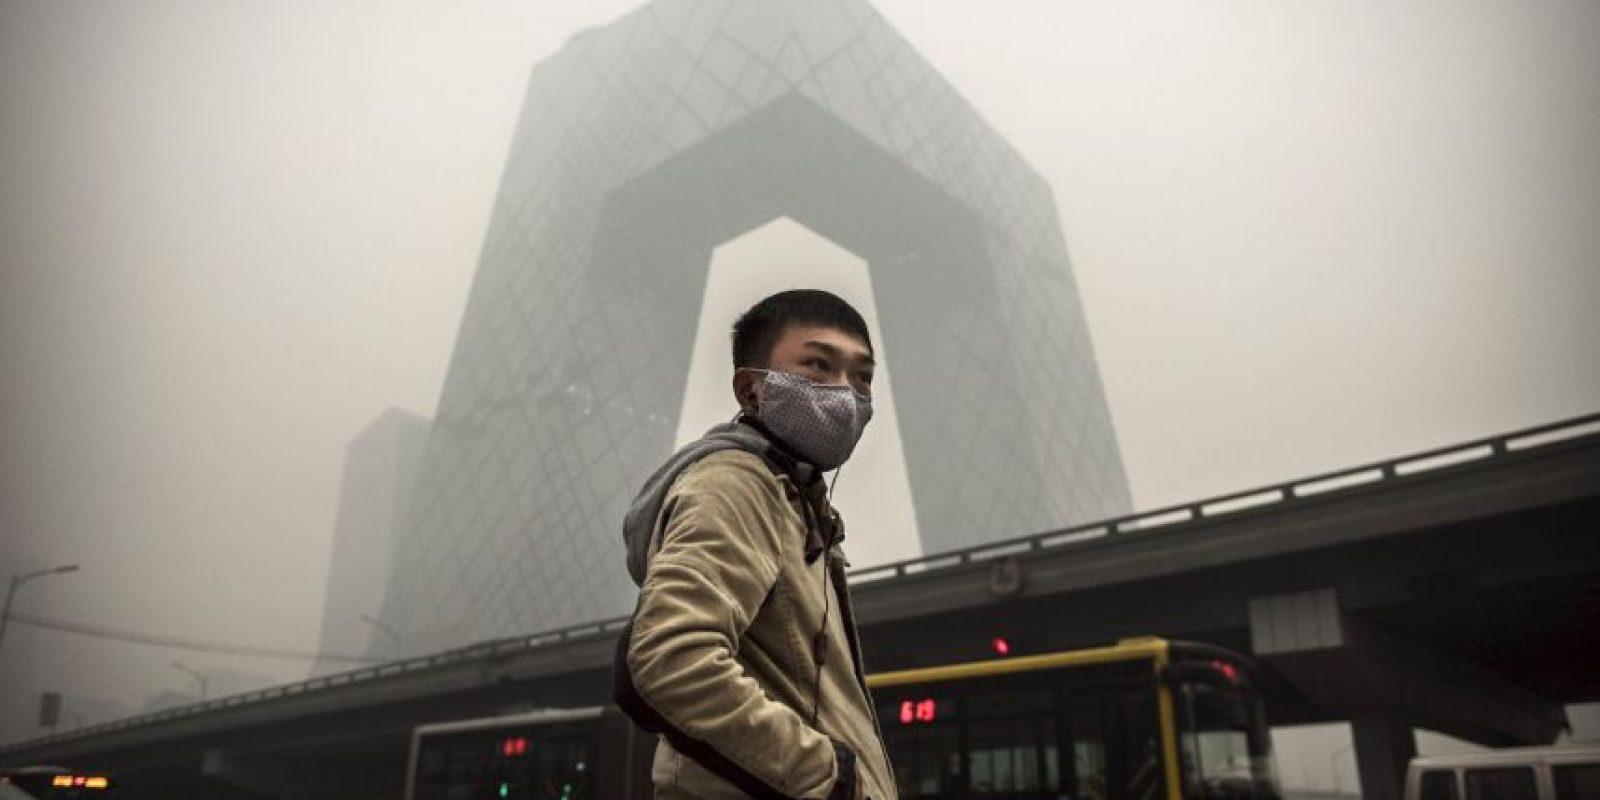 De acuerdo a un estudio, la contaminación, la guerra y la cacería podría acabar con la vida humana Foto:Getty Images